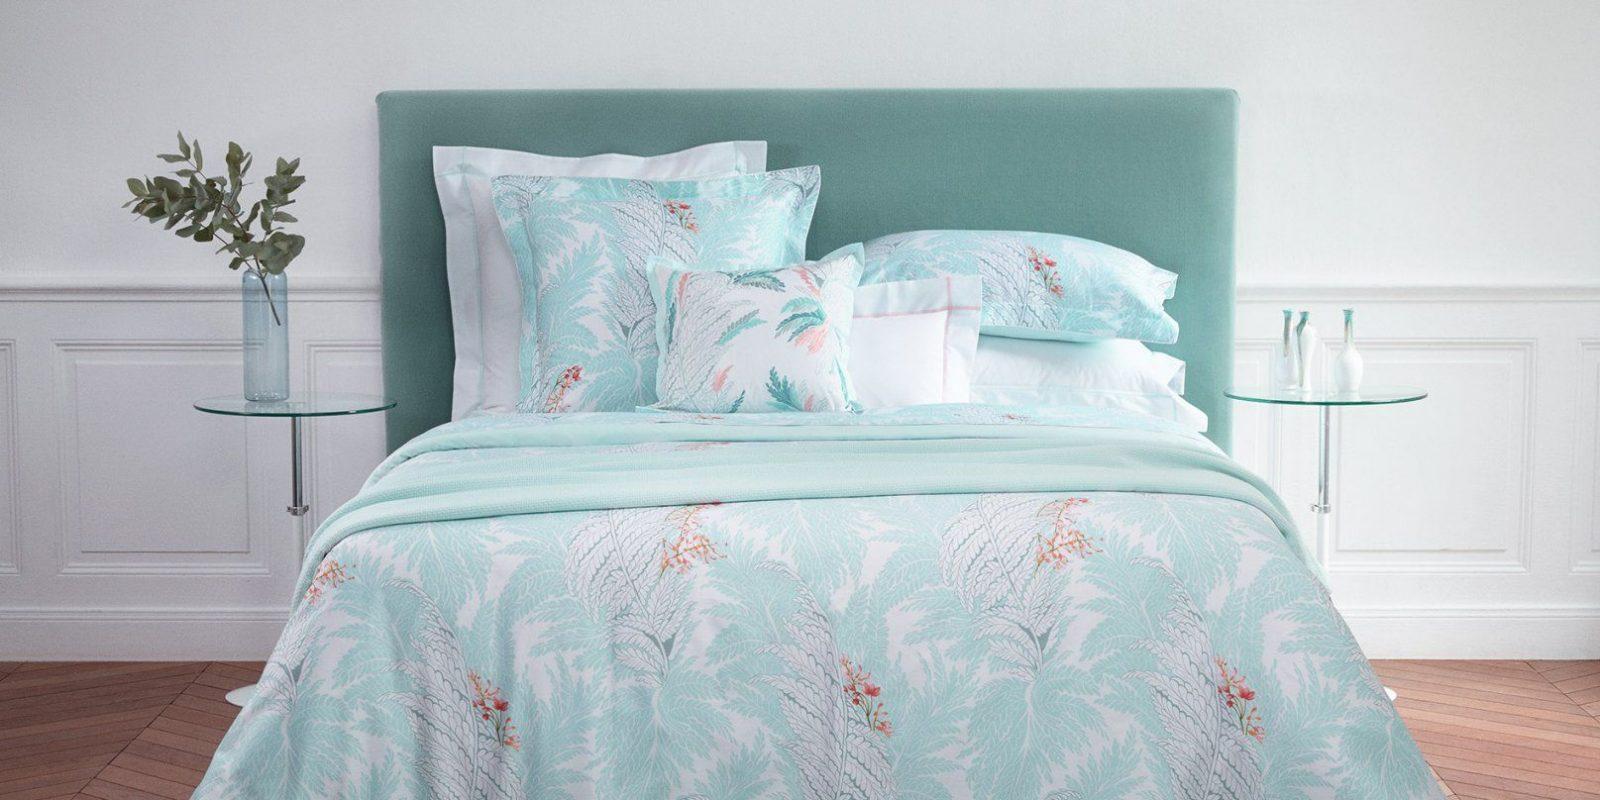 Yves Delorme Luxury Linens  Online Store  Uk  Dibinekadar Decoration von Yves Delorme Bettwäsche Bild